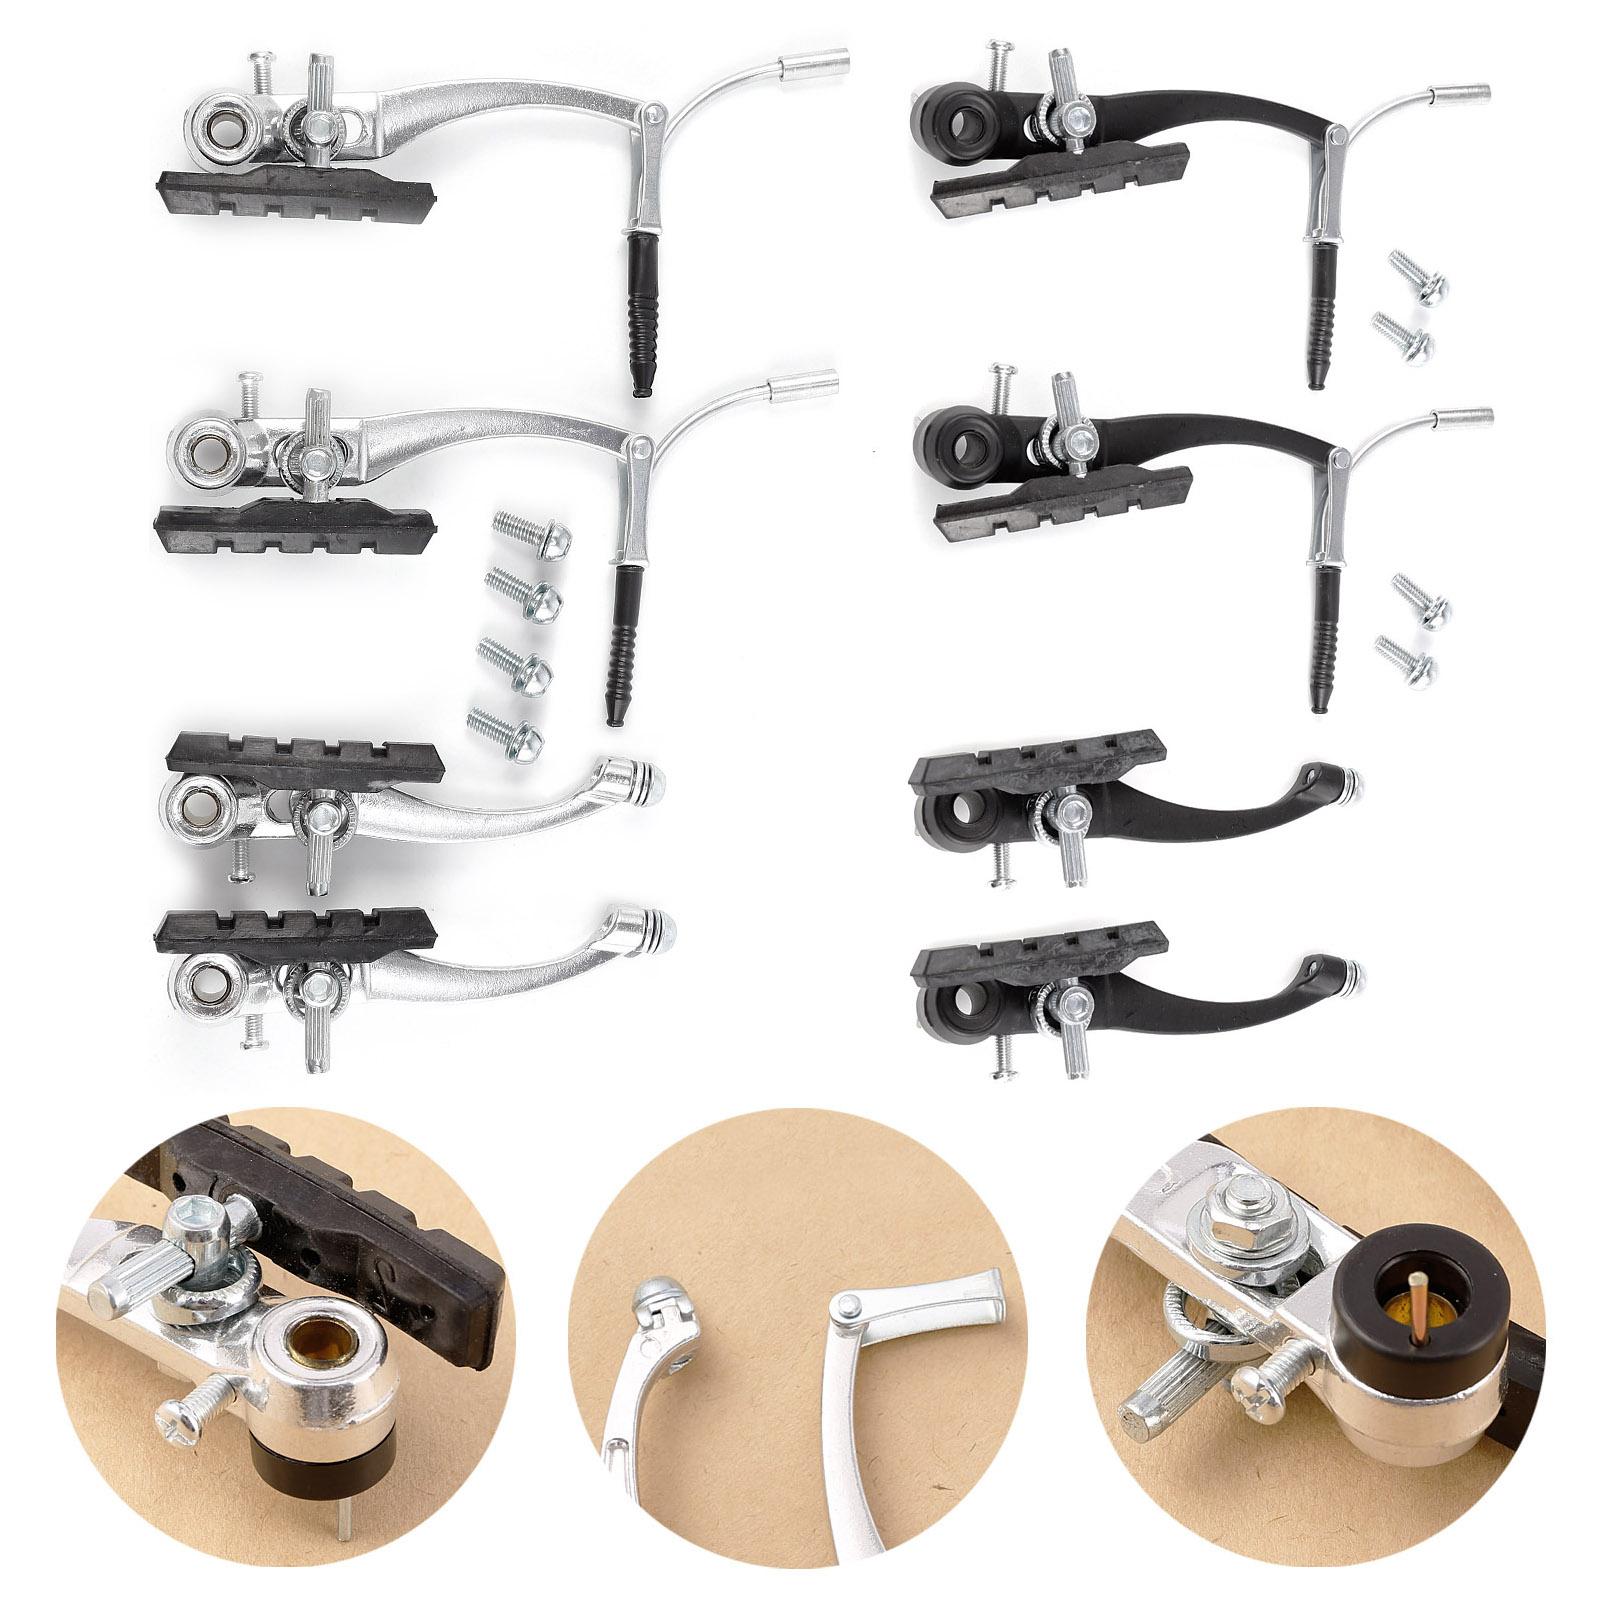 Silber-Schwarz-MTB-Farrad-Bremsen-Set-V-Brake-V-Bremse-fuer-Vorder-und-Hinderrad